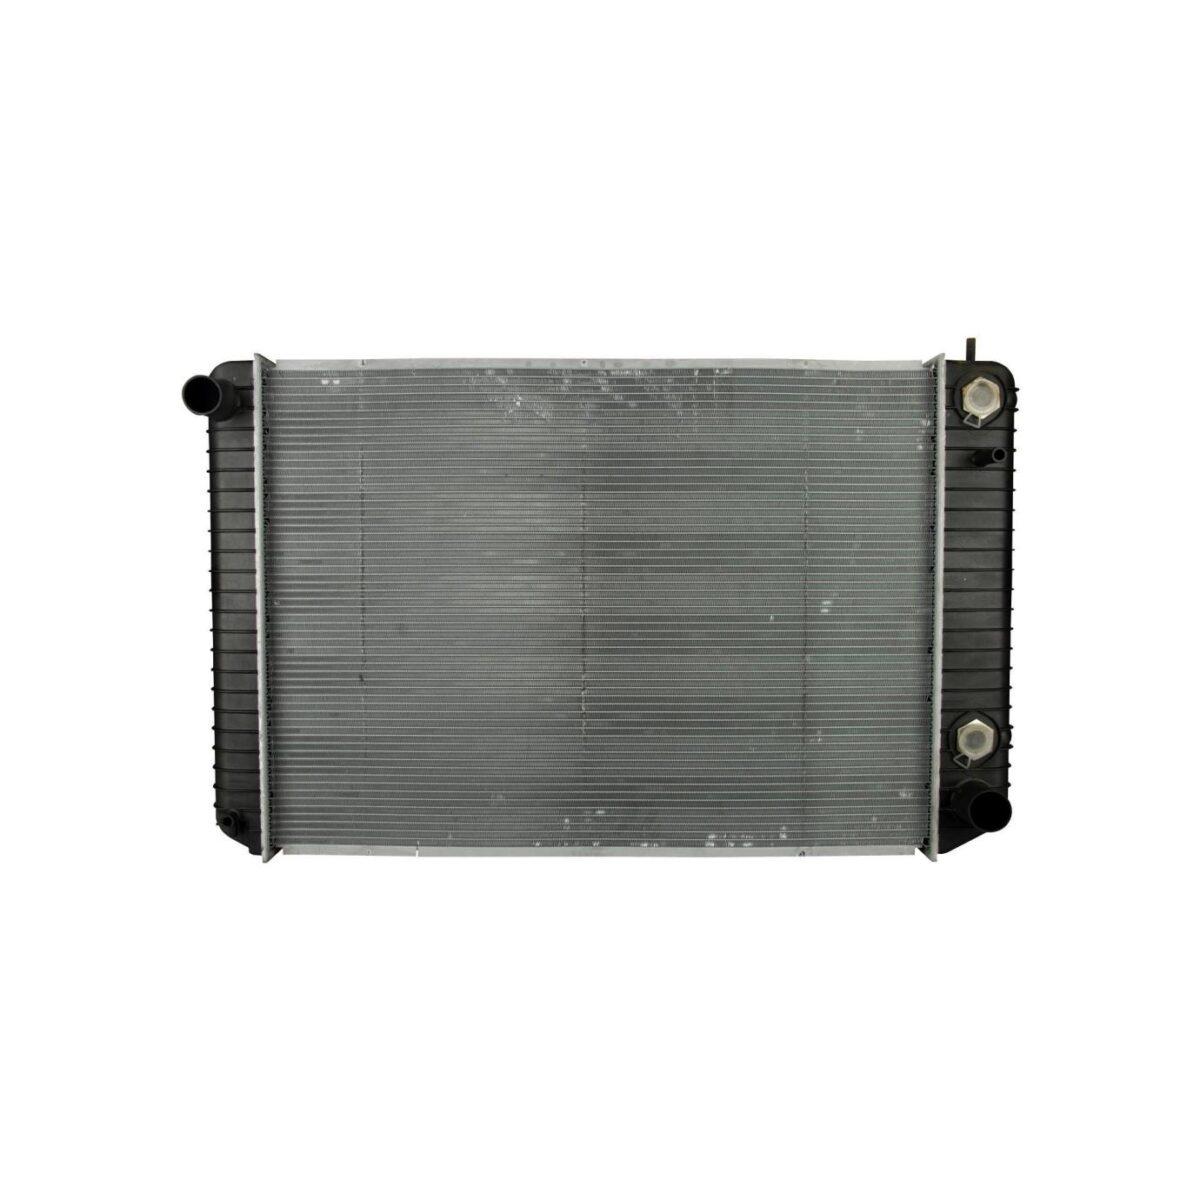 chevrolet gmc kodiak topkick bus chassis multiple radiator oem 1r2679 4